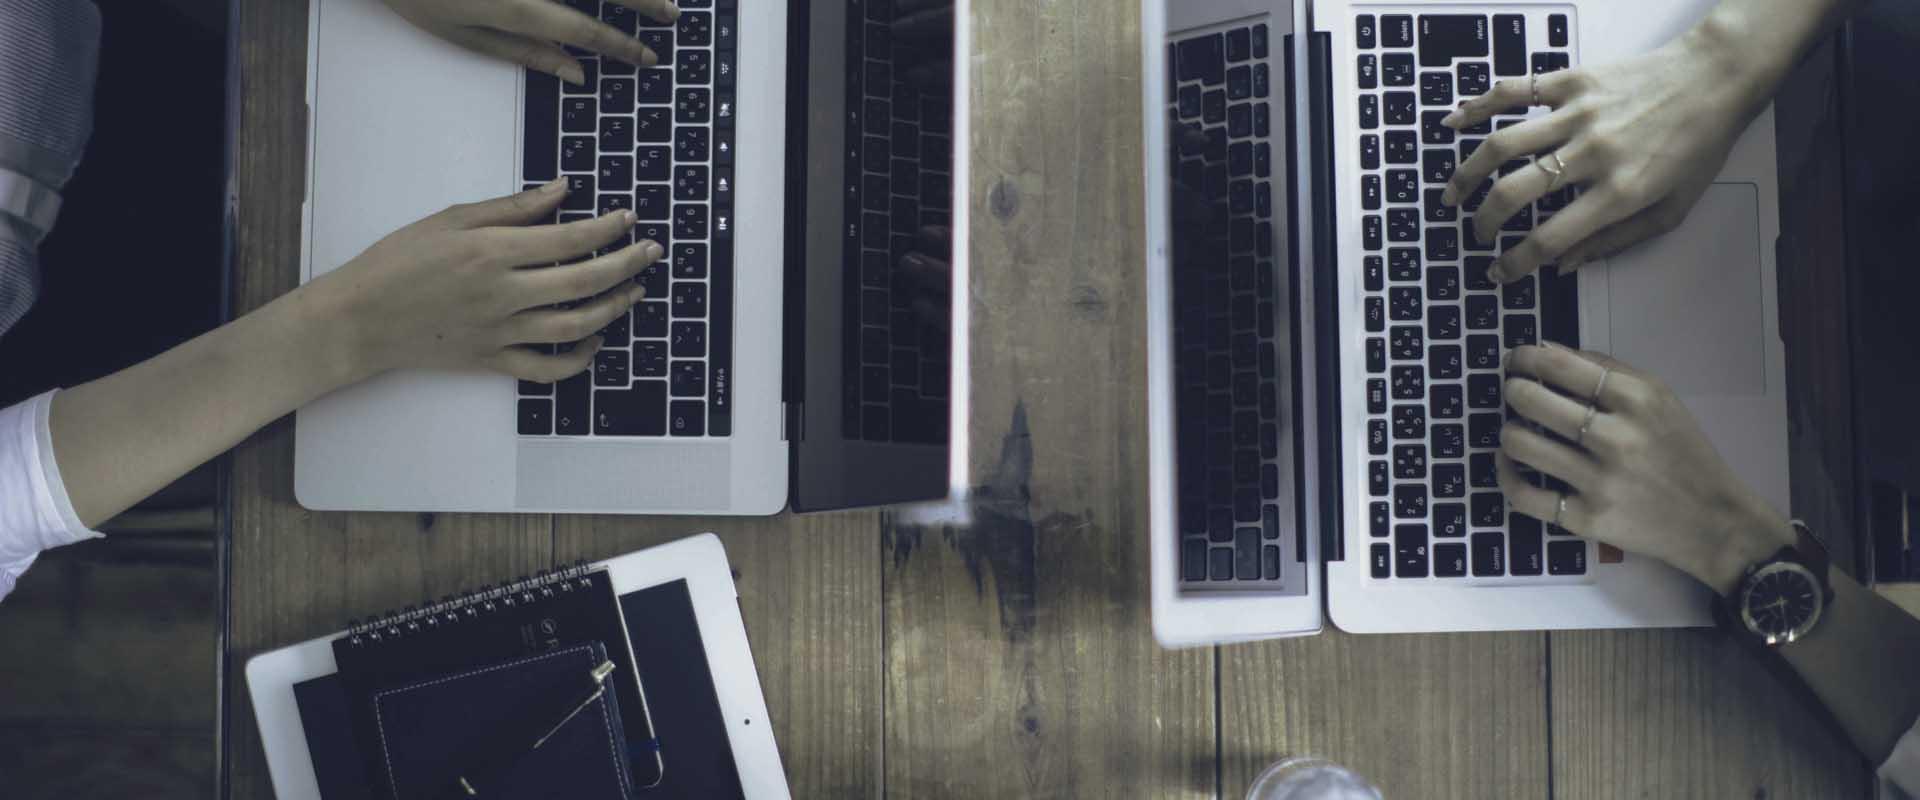 ホームページや広告やチラシ、有効活用できていますか?